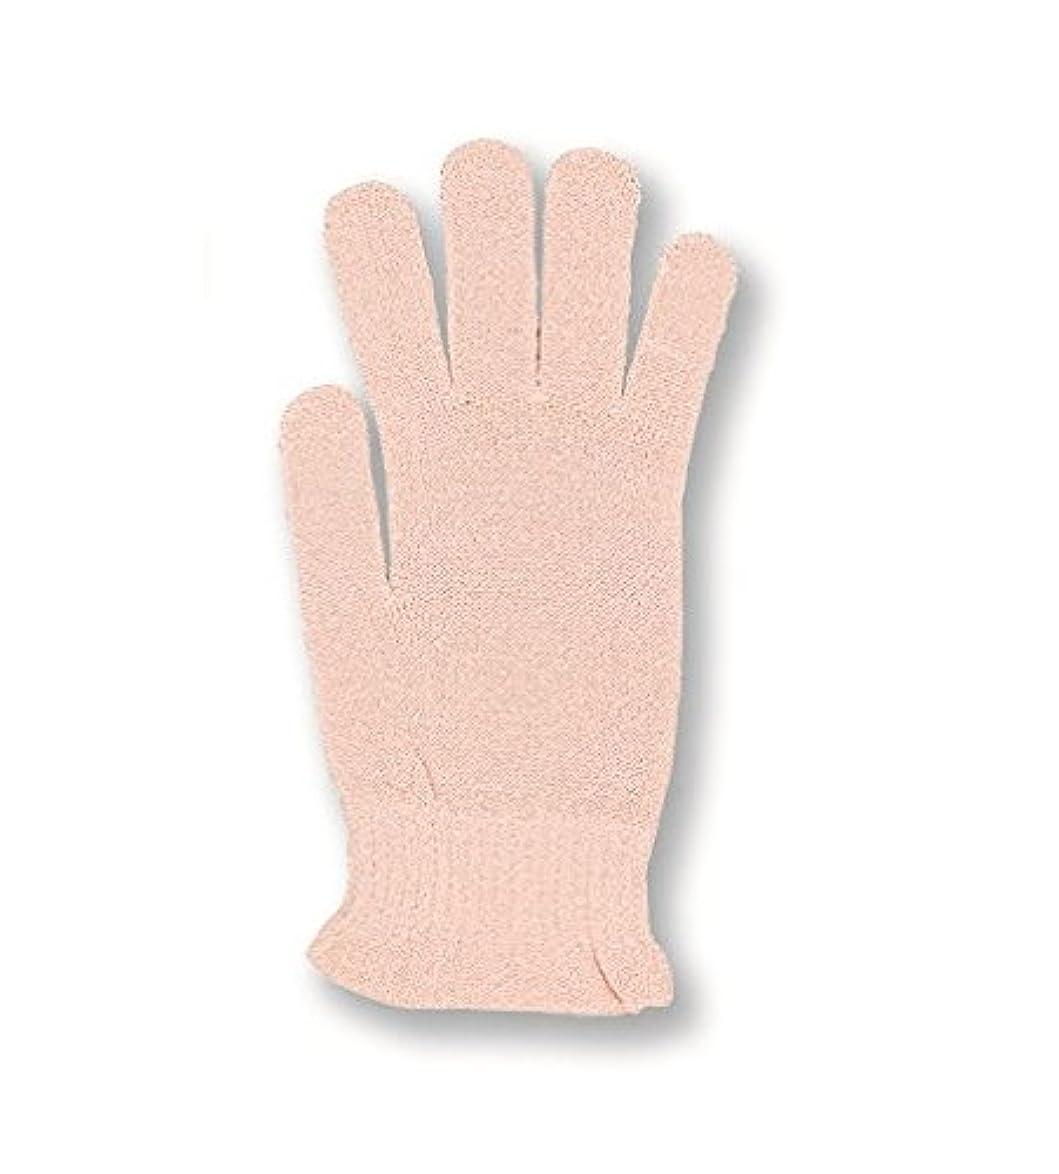 遮る確かに従順コクーンフィット シルク おやすみ手袋 ピーチ